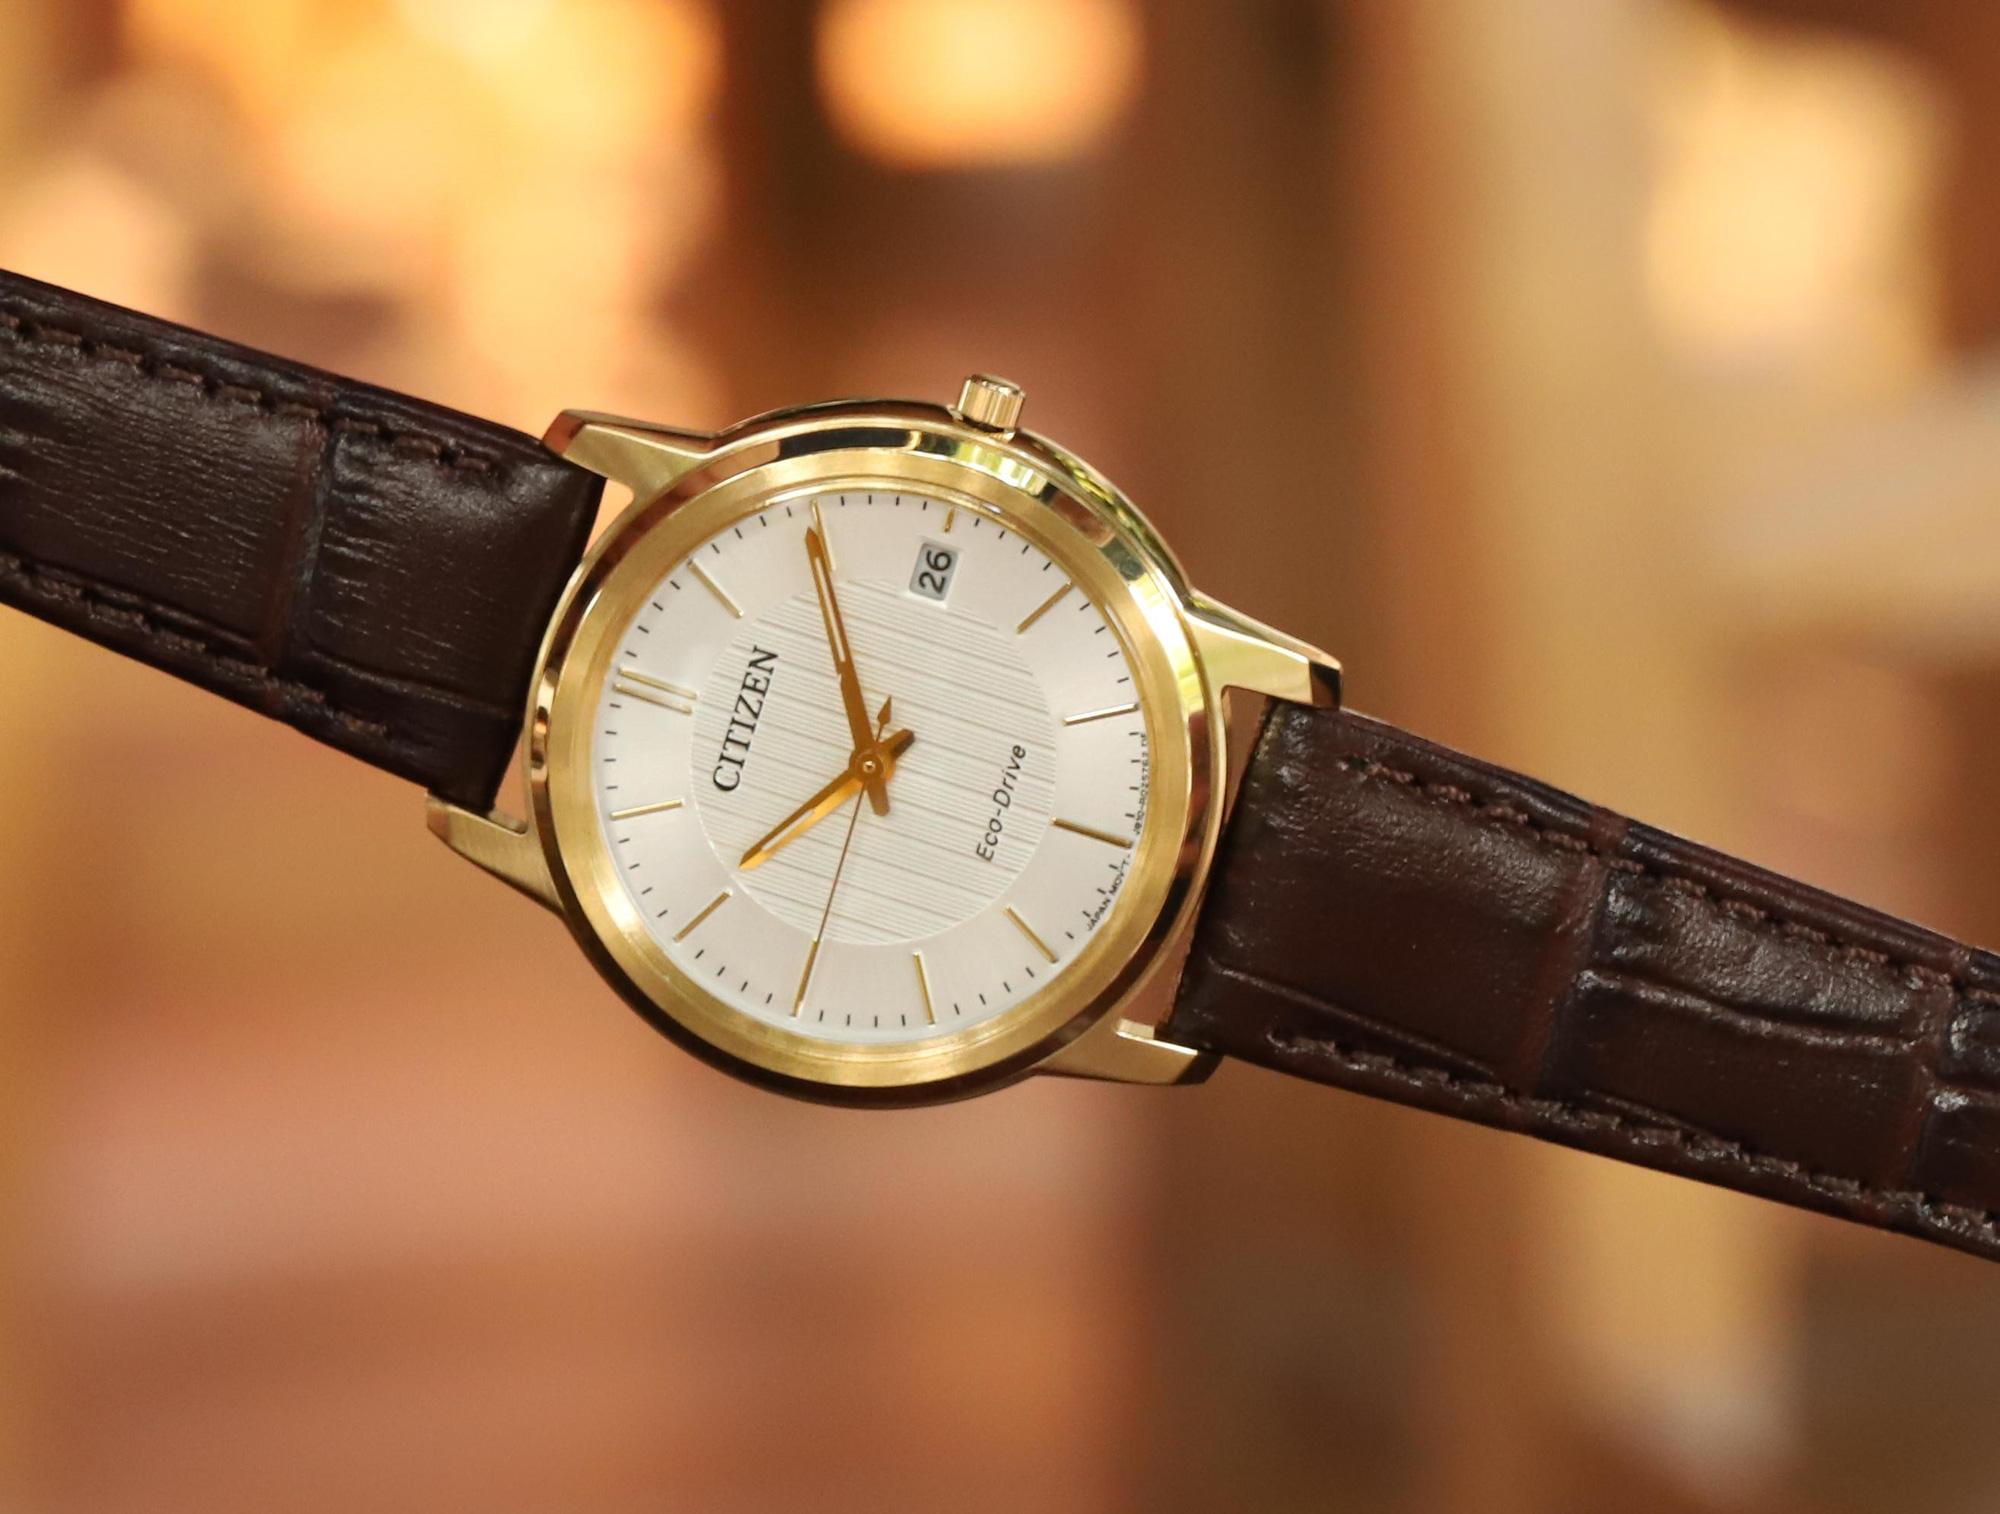 Mua đồng hồ Citizen ở đâu giá rẻ? Đăng Quang Watch còn rẻ hơn với ưu đãi lên đến 40% - Ảnh 2.